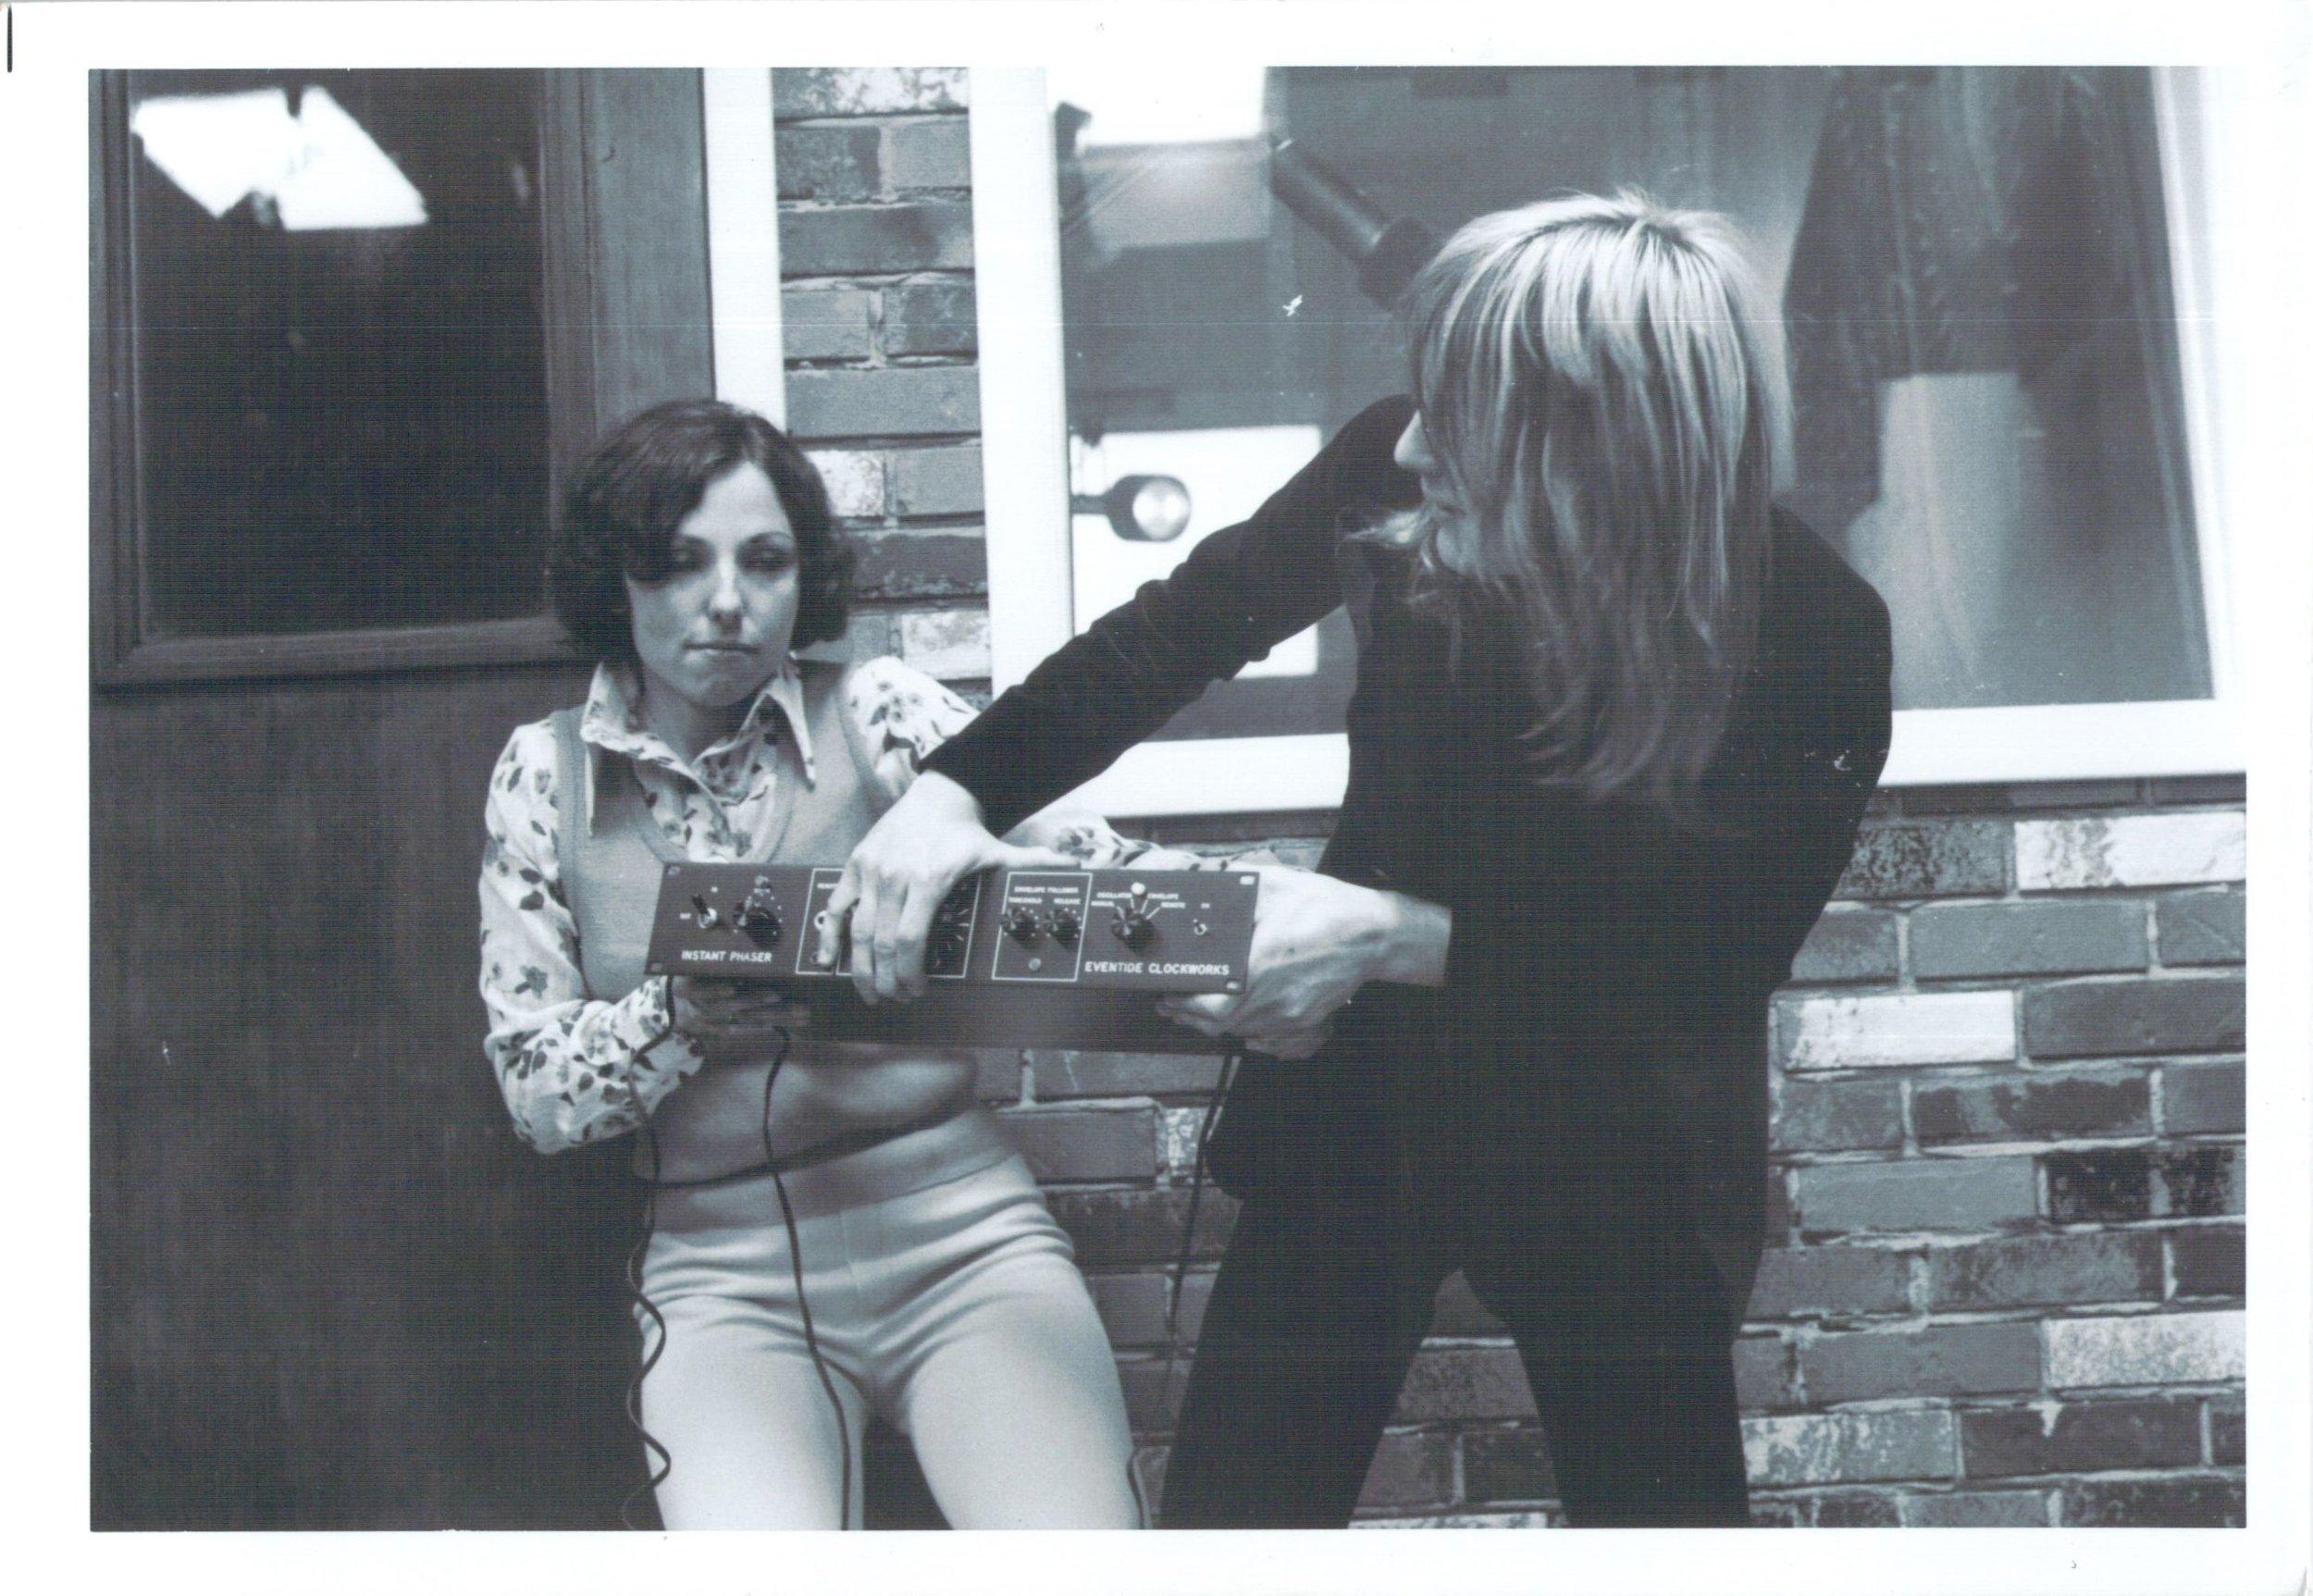 Joanie Decola & Todd Rundgren